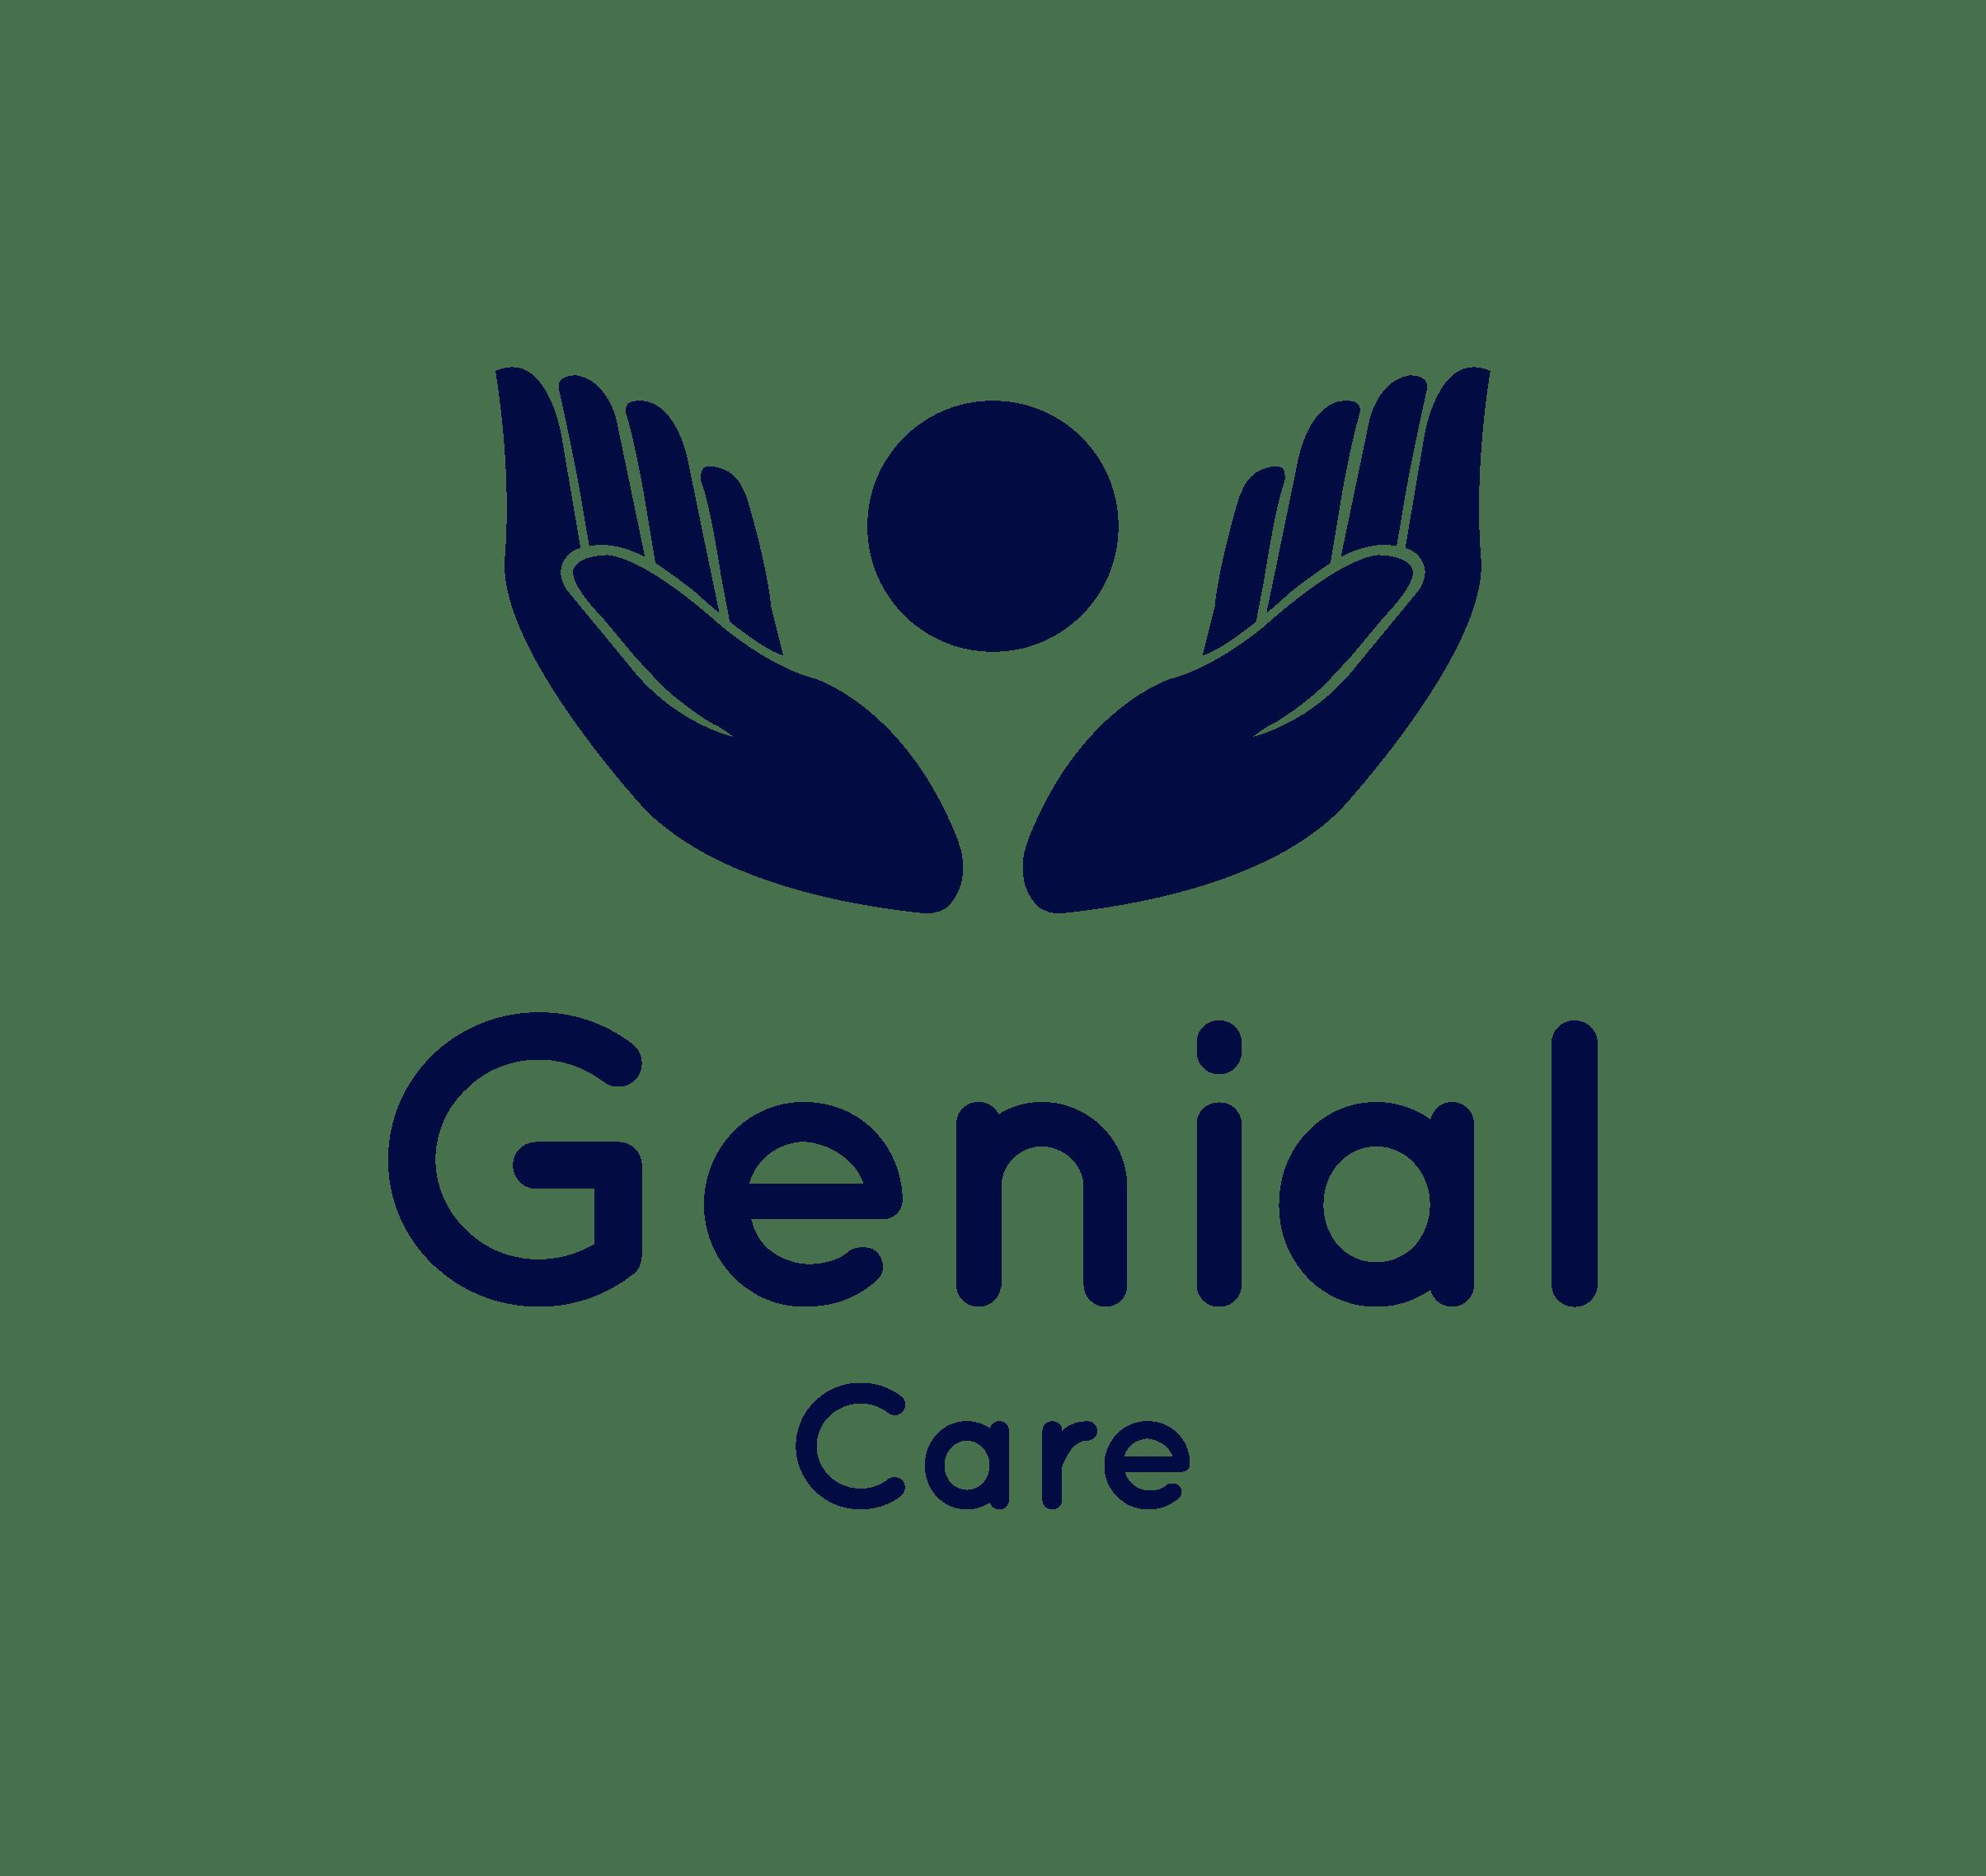 Genial Care